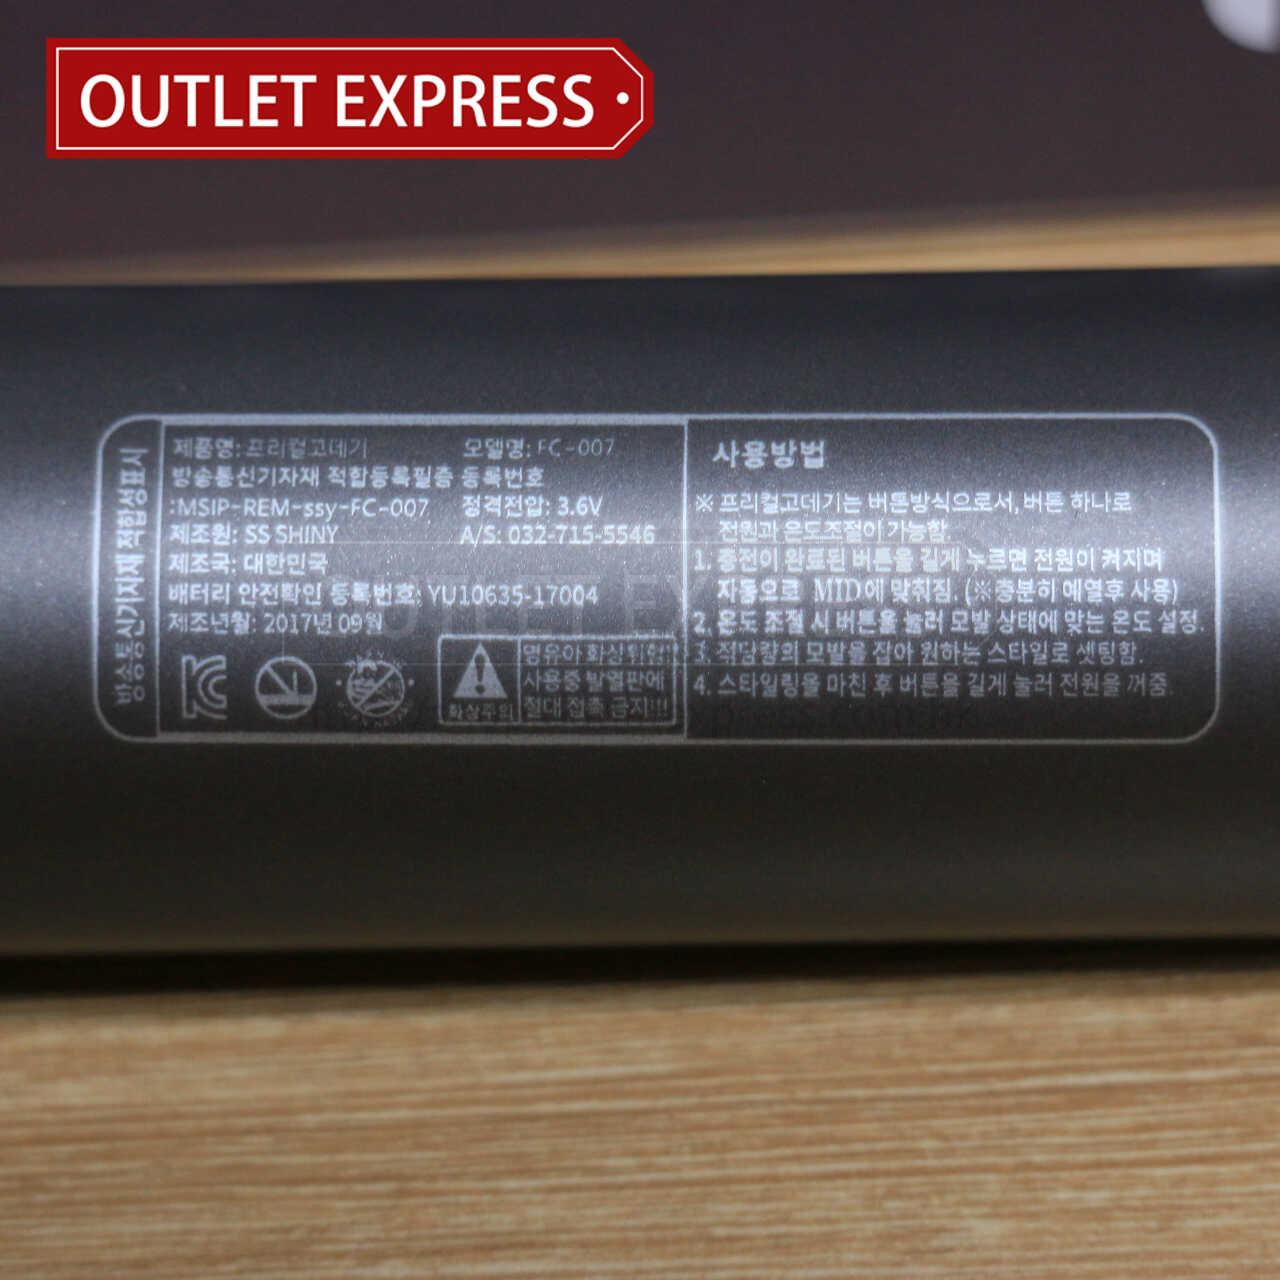 韓國SS Shiny Free curl USB充電無線捲髮器 背面圖 - Outlet Express HK生活百貨城實拍相片